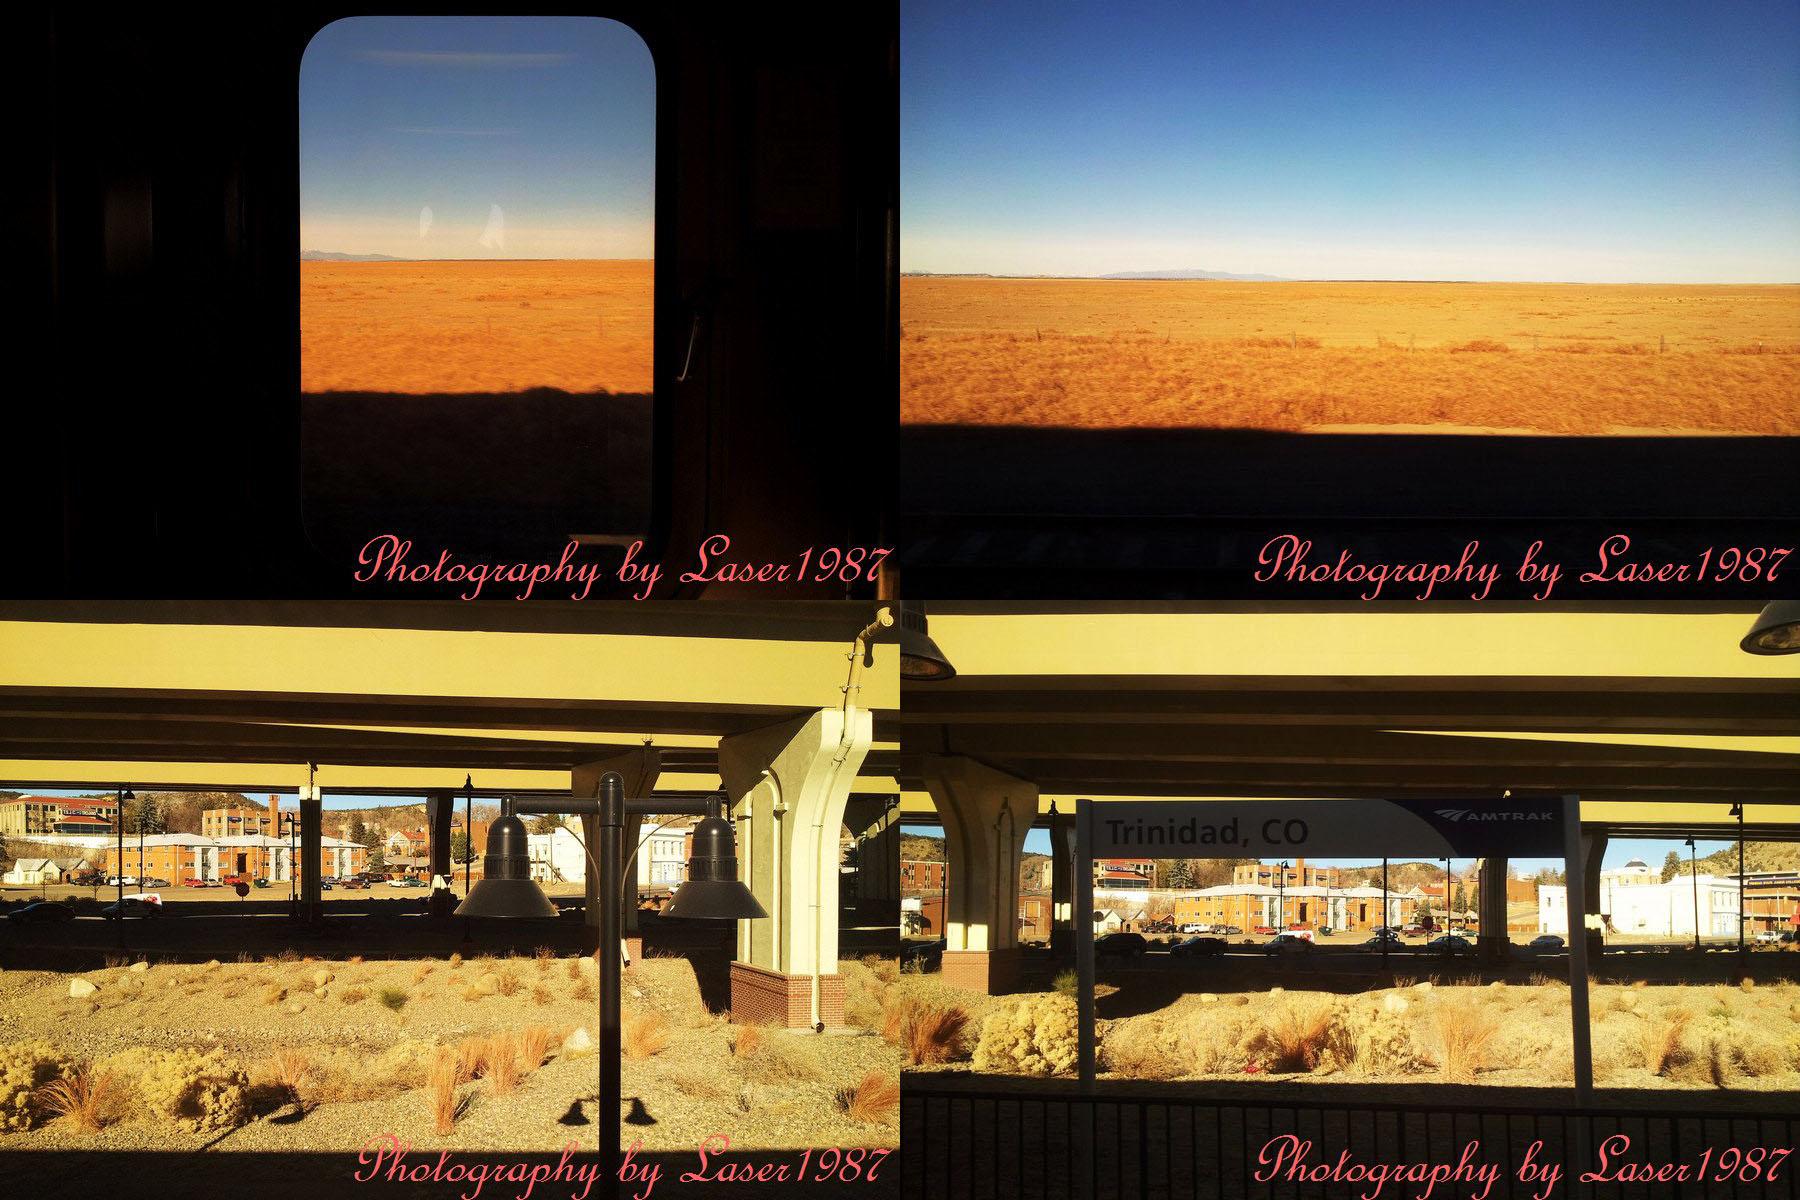 横穿美国的西南酋长号——开往天使之城的列车